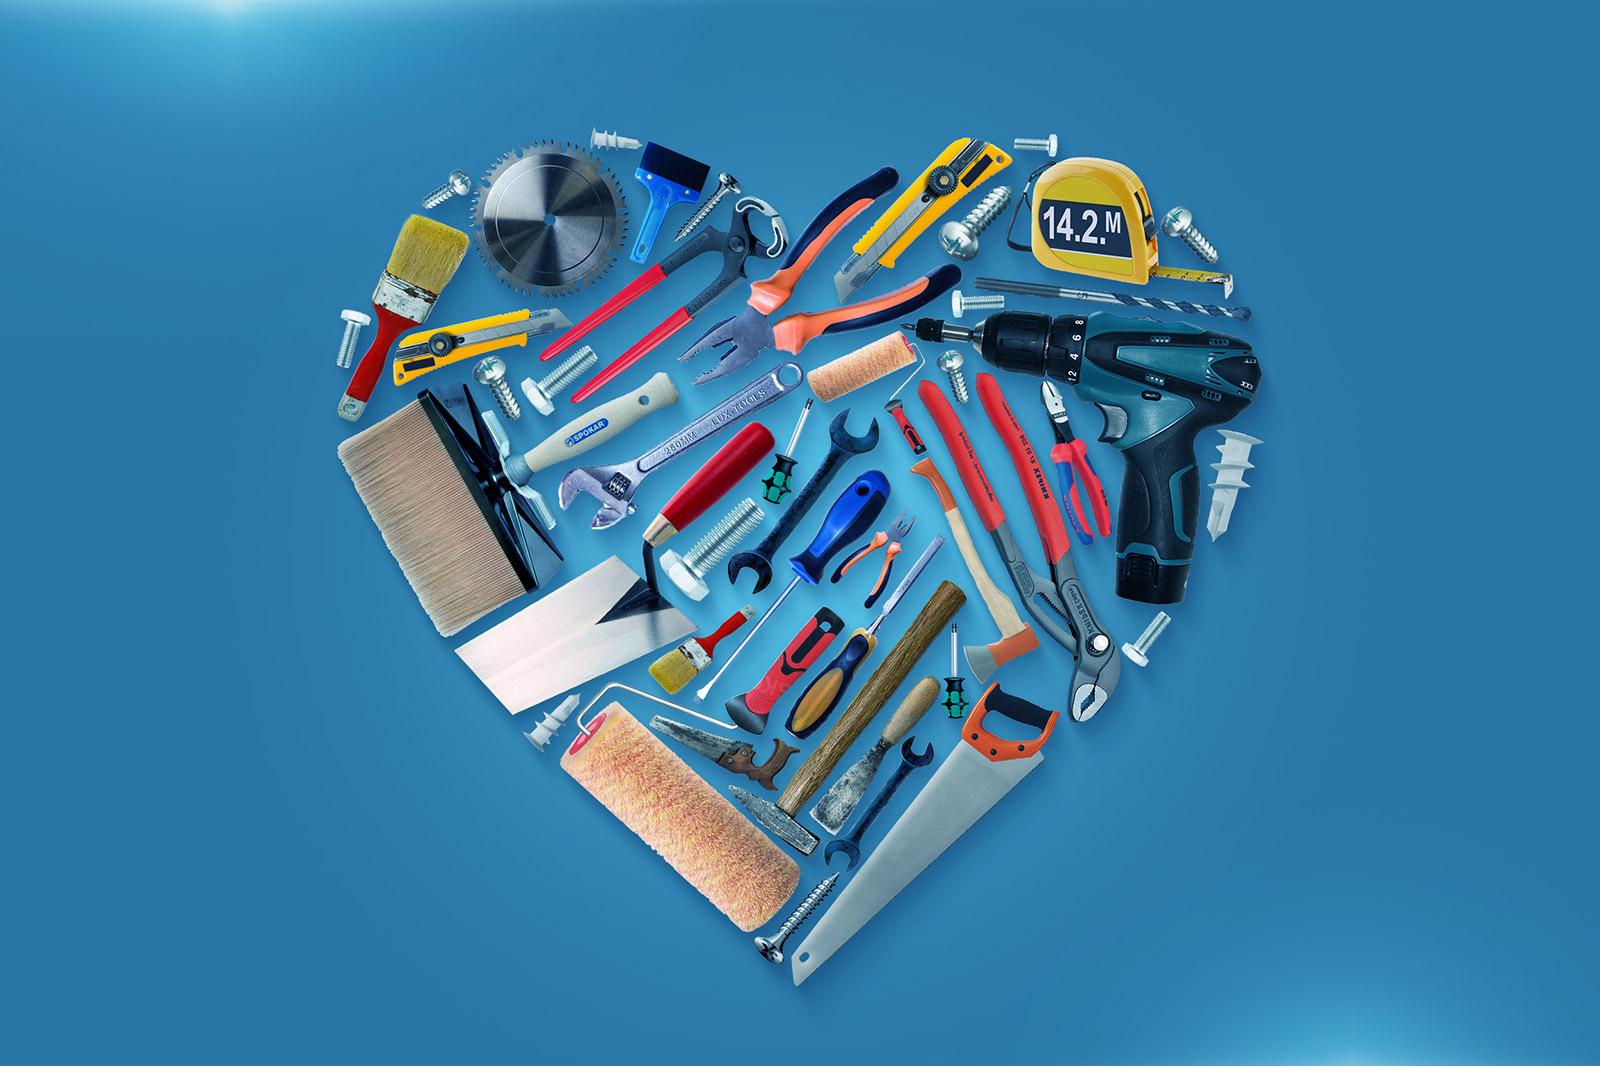 Takhle vypadá láska k řemeslu. Inspirujte se projekty, které získaly Kozlovu pečeť poctivosti